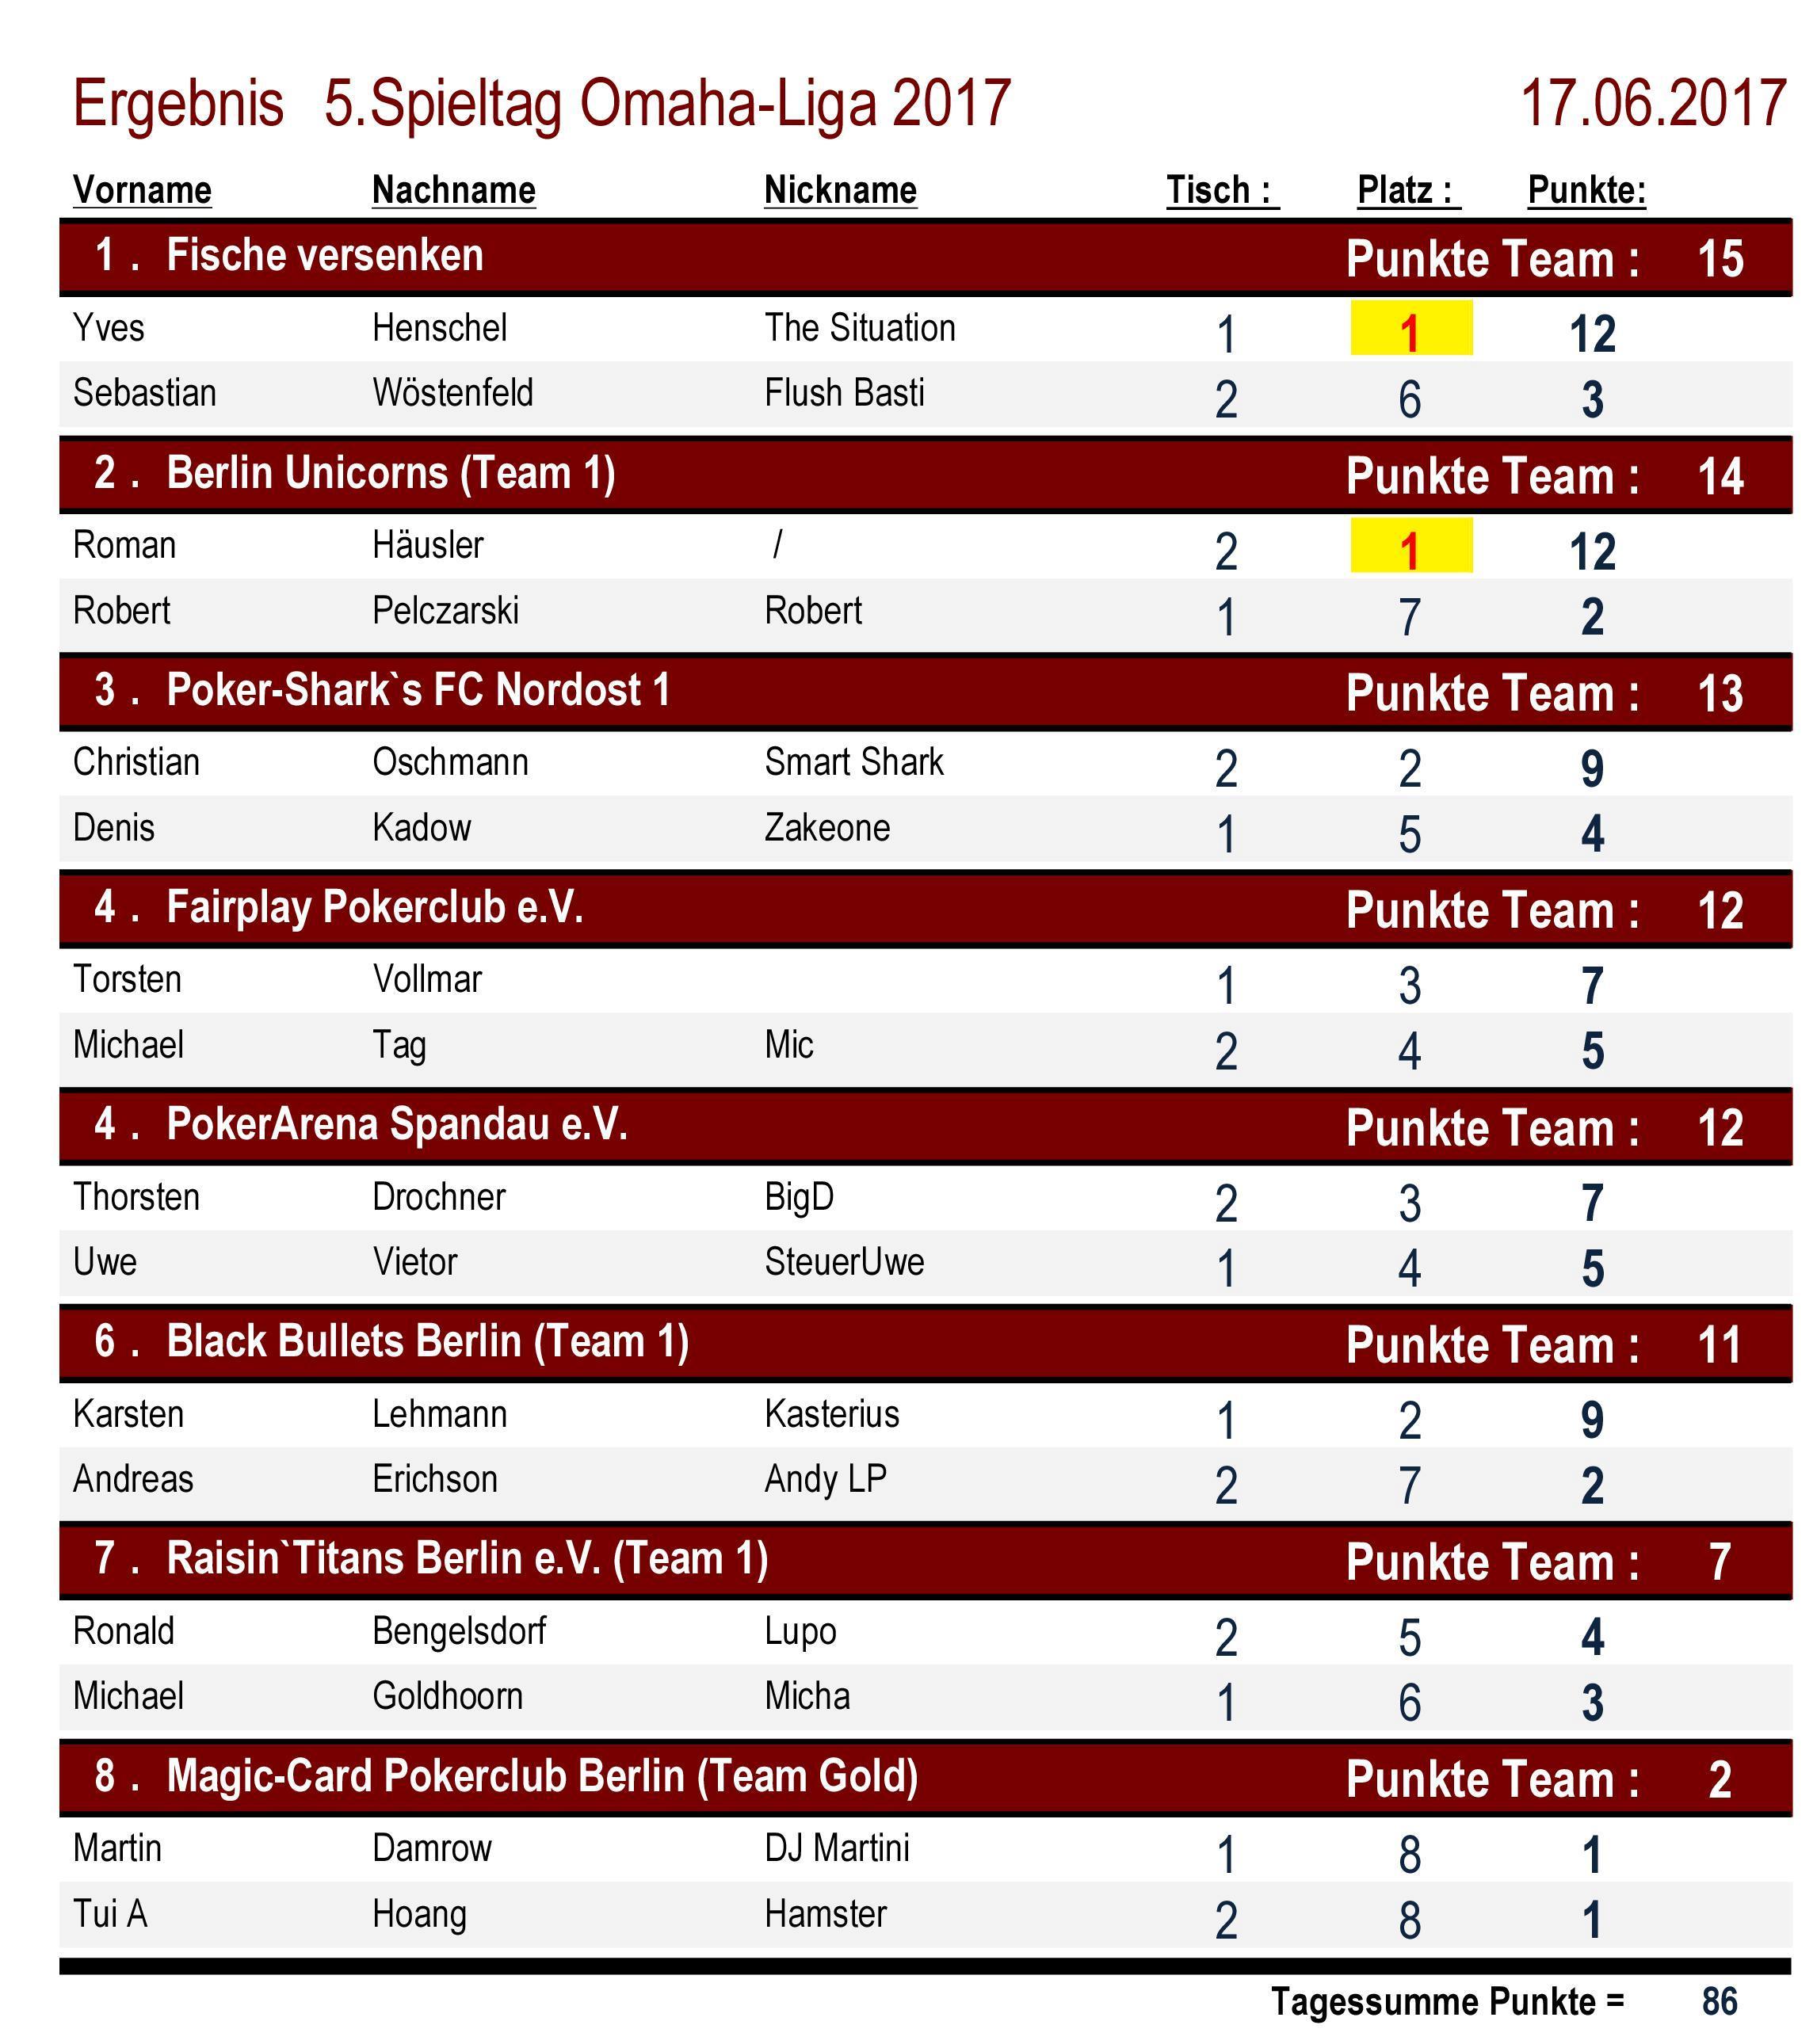 Platzierungen Omaha-Liga 5.Spieltag 2017